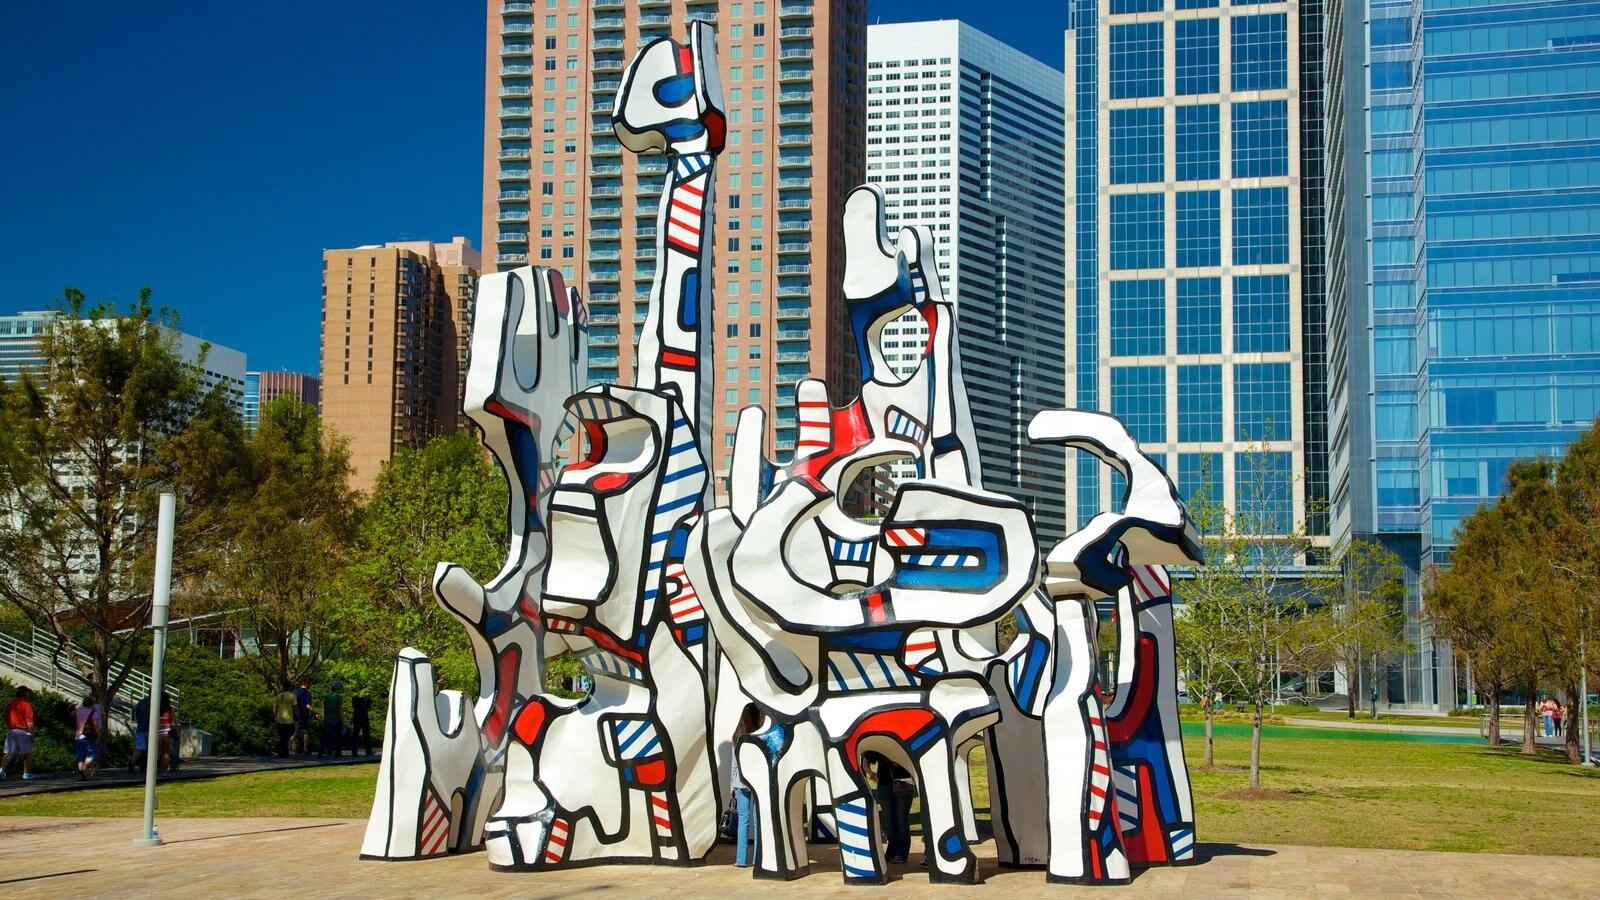 Discovery Green caracterizando uma estátua ou escultura, um arranha-céu e arte ao ar livre